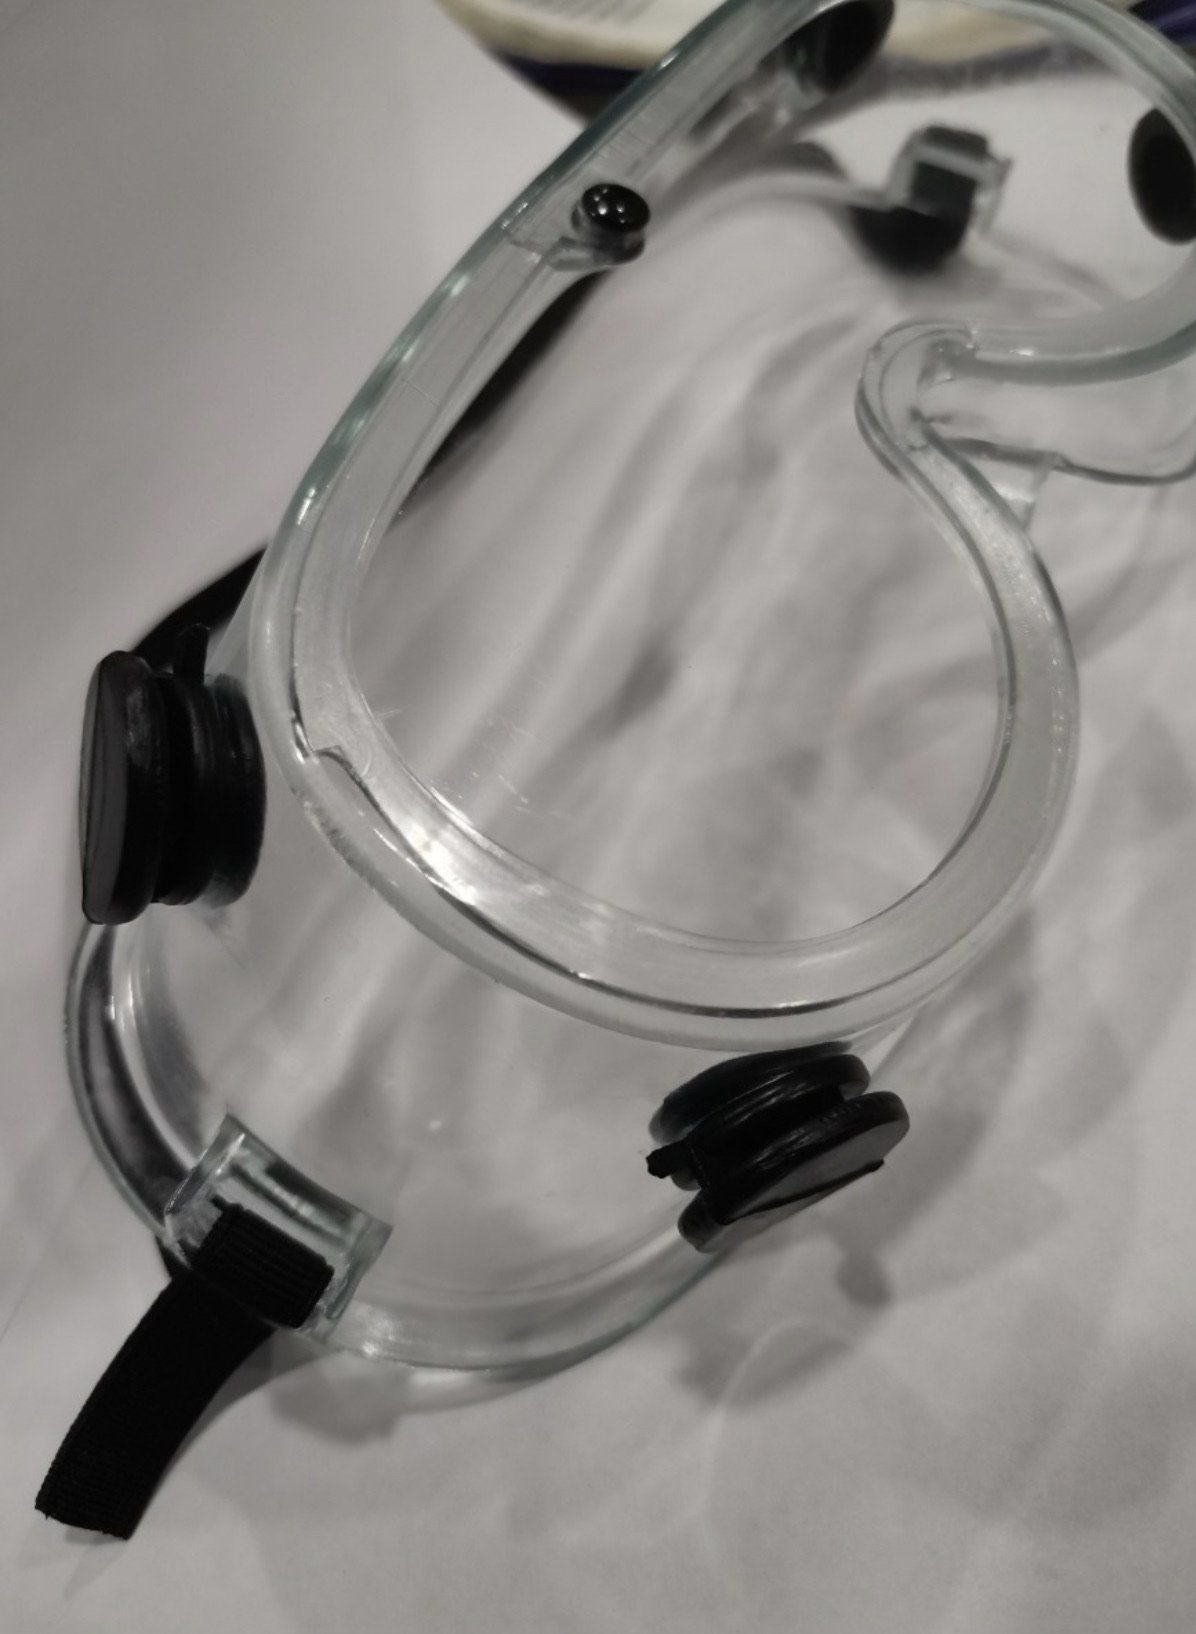 Gafas De Alta Protección Para Ojos Elaboradas Con Materiales De Alta Seguridad Cool Deals Es E Lentes De Policarbonato Gafas De Seguridad Gafas De Protección